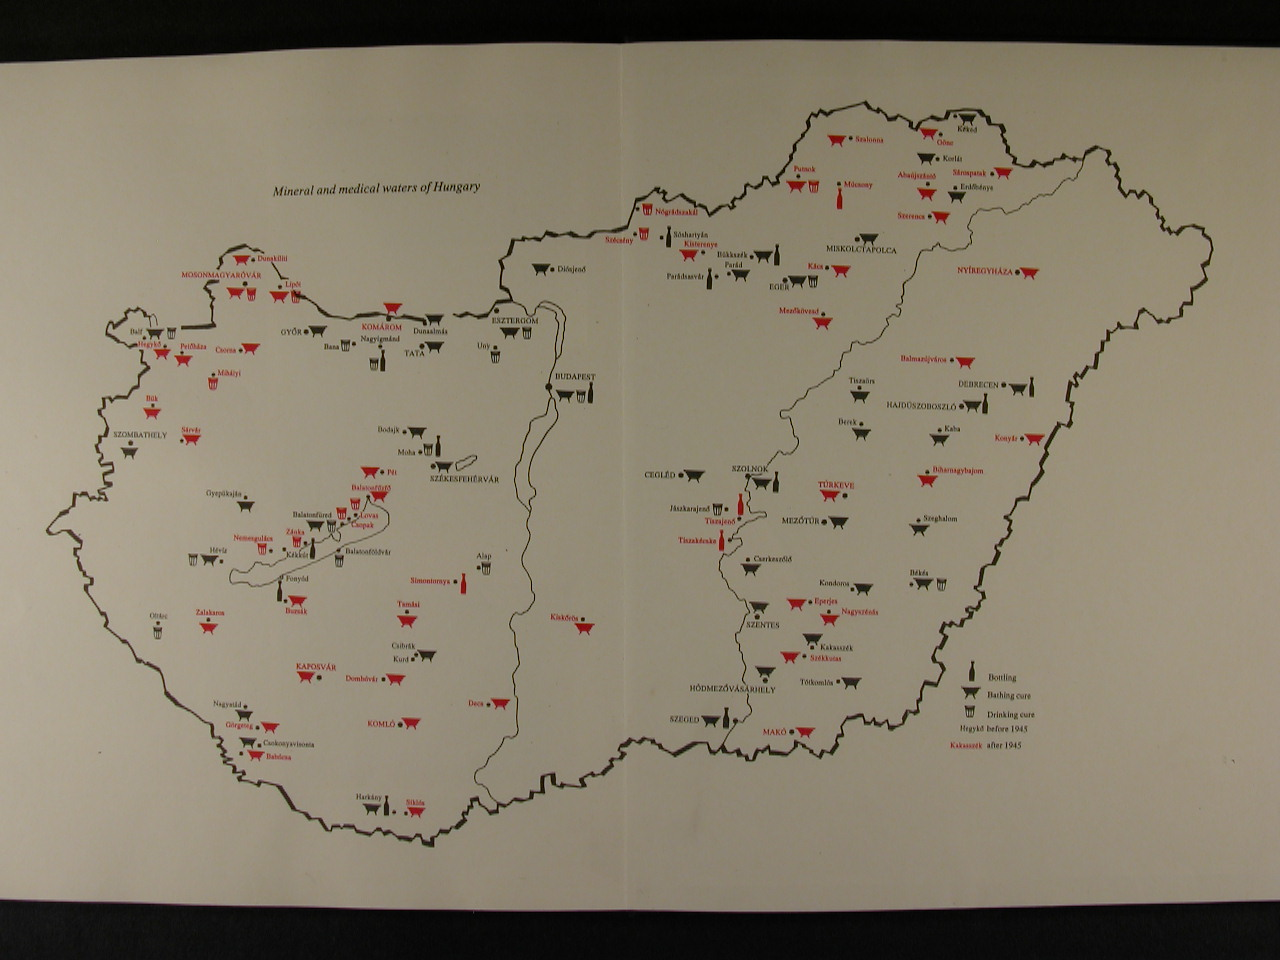 magyarország fürdő térkép Római kori fürdő keresztmetszete magyarország fürdő térkép